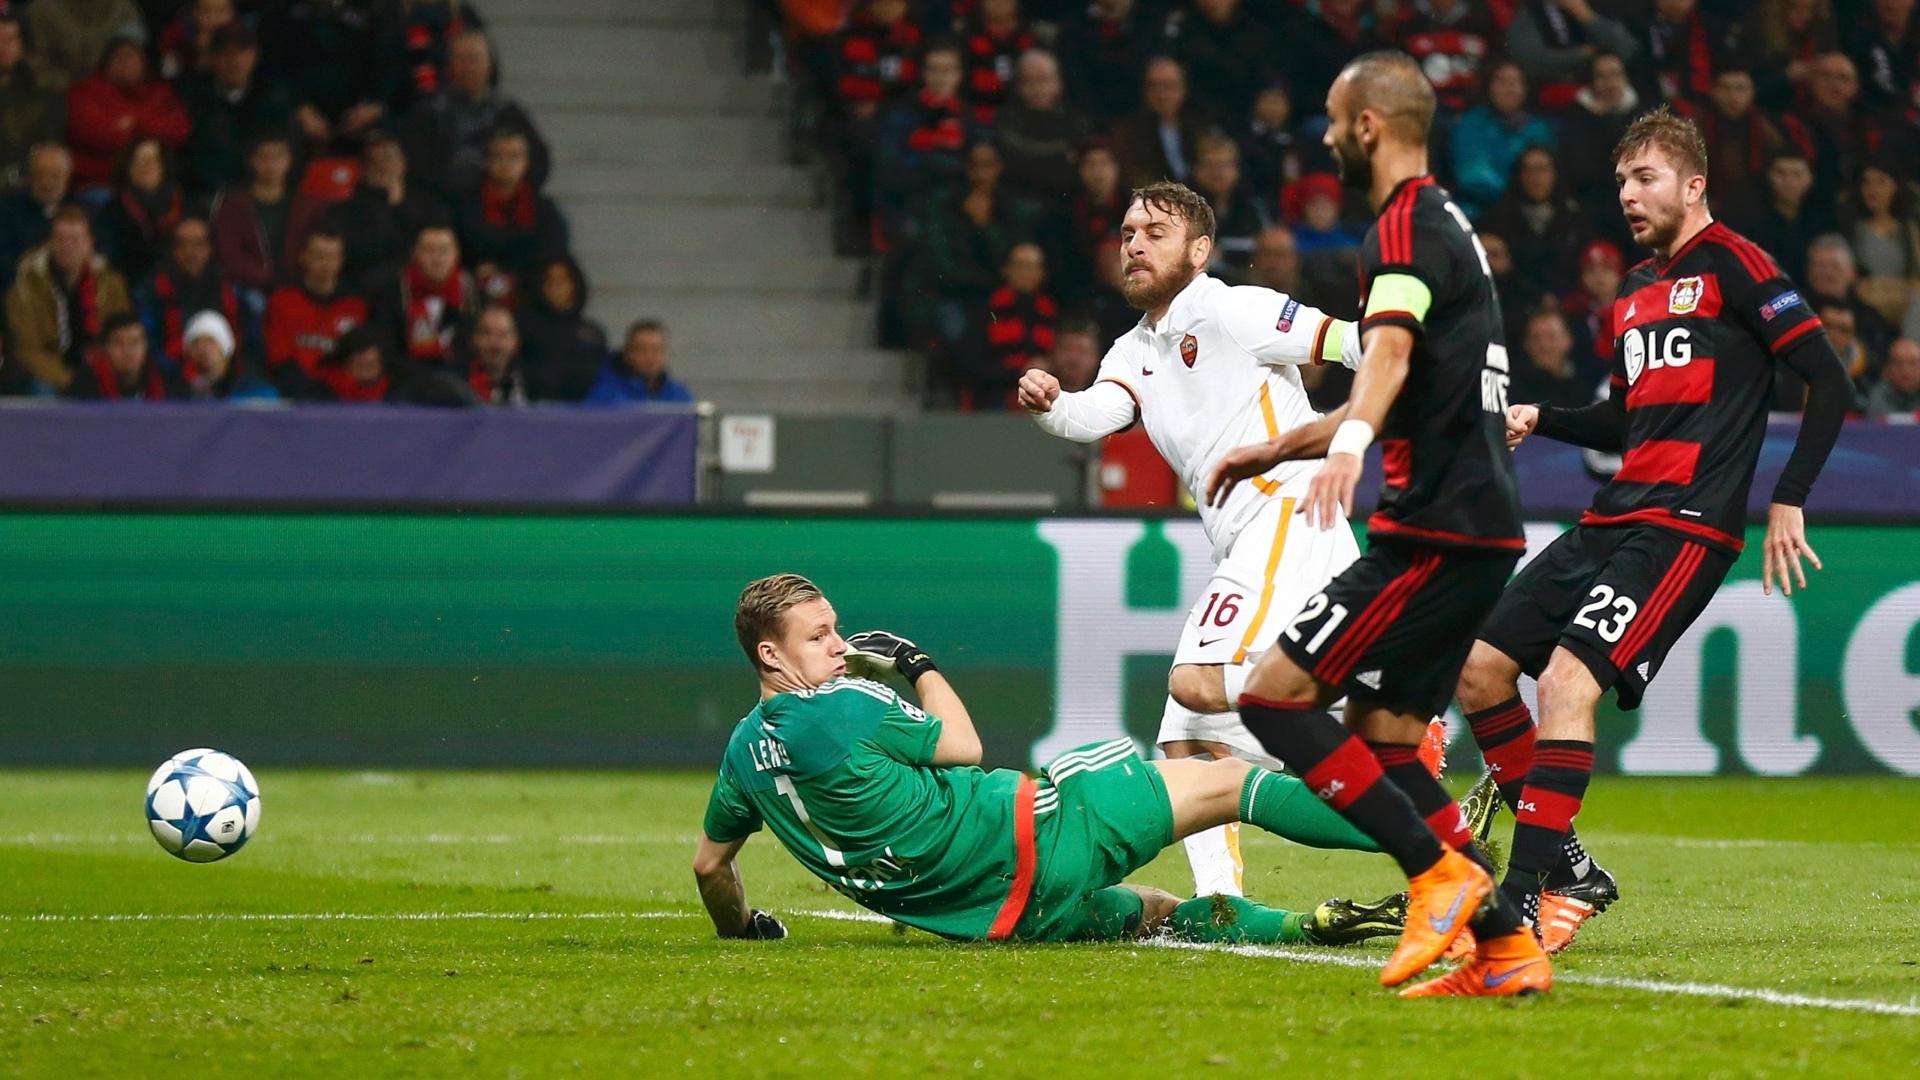 De Rossi bate na saída de Leno e marca para a Roma contra o Bayer Leverkusen pela Liga dos Campeões